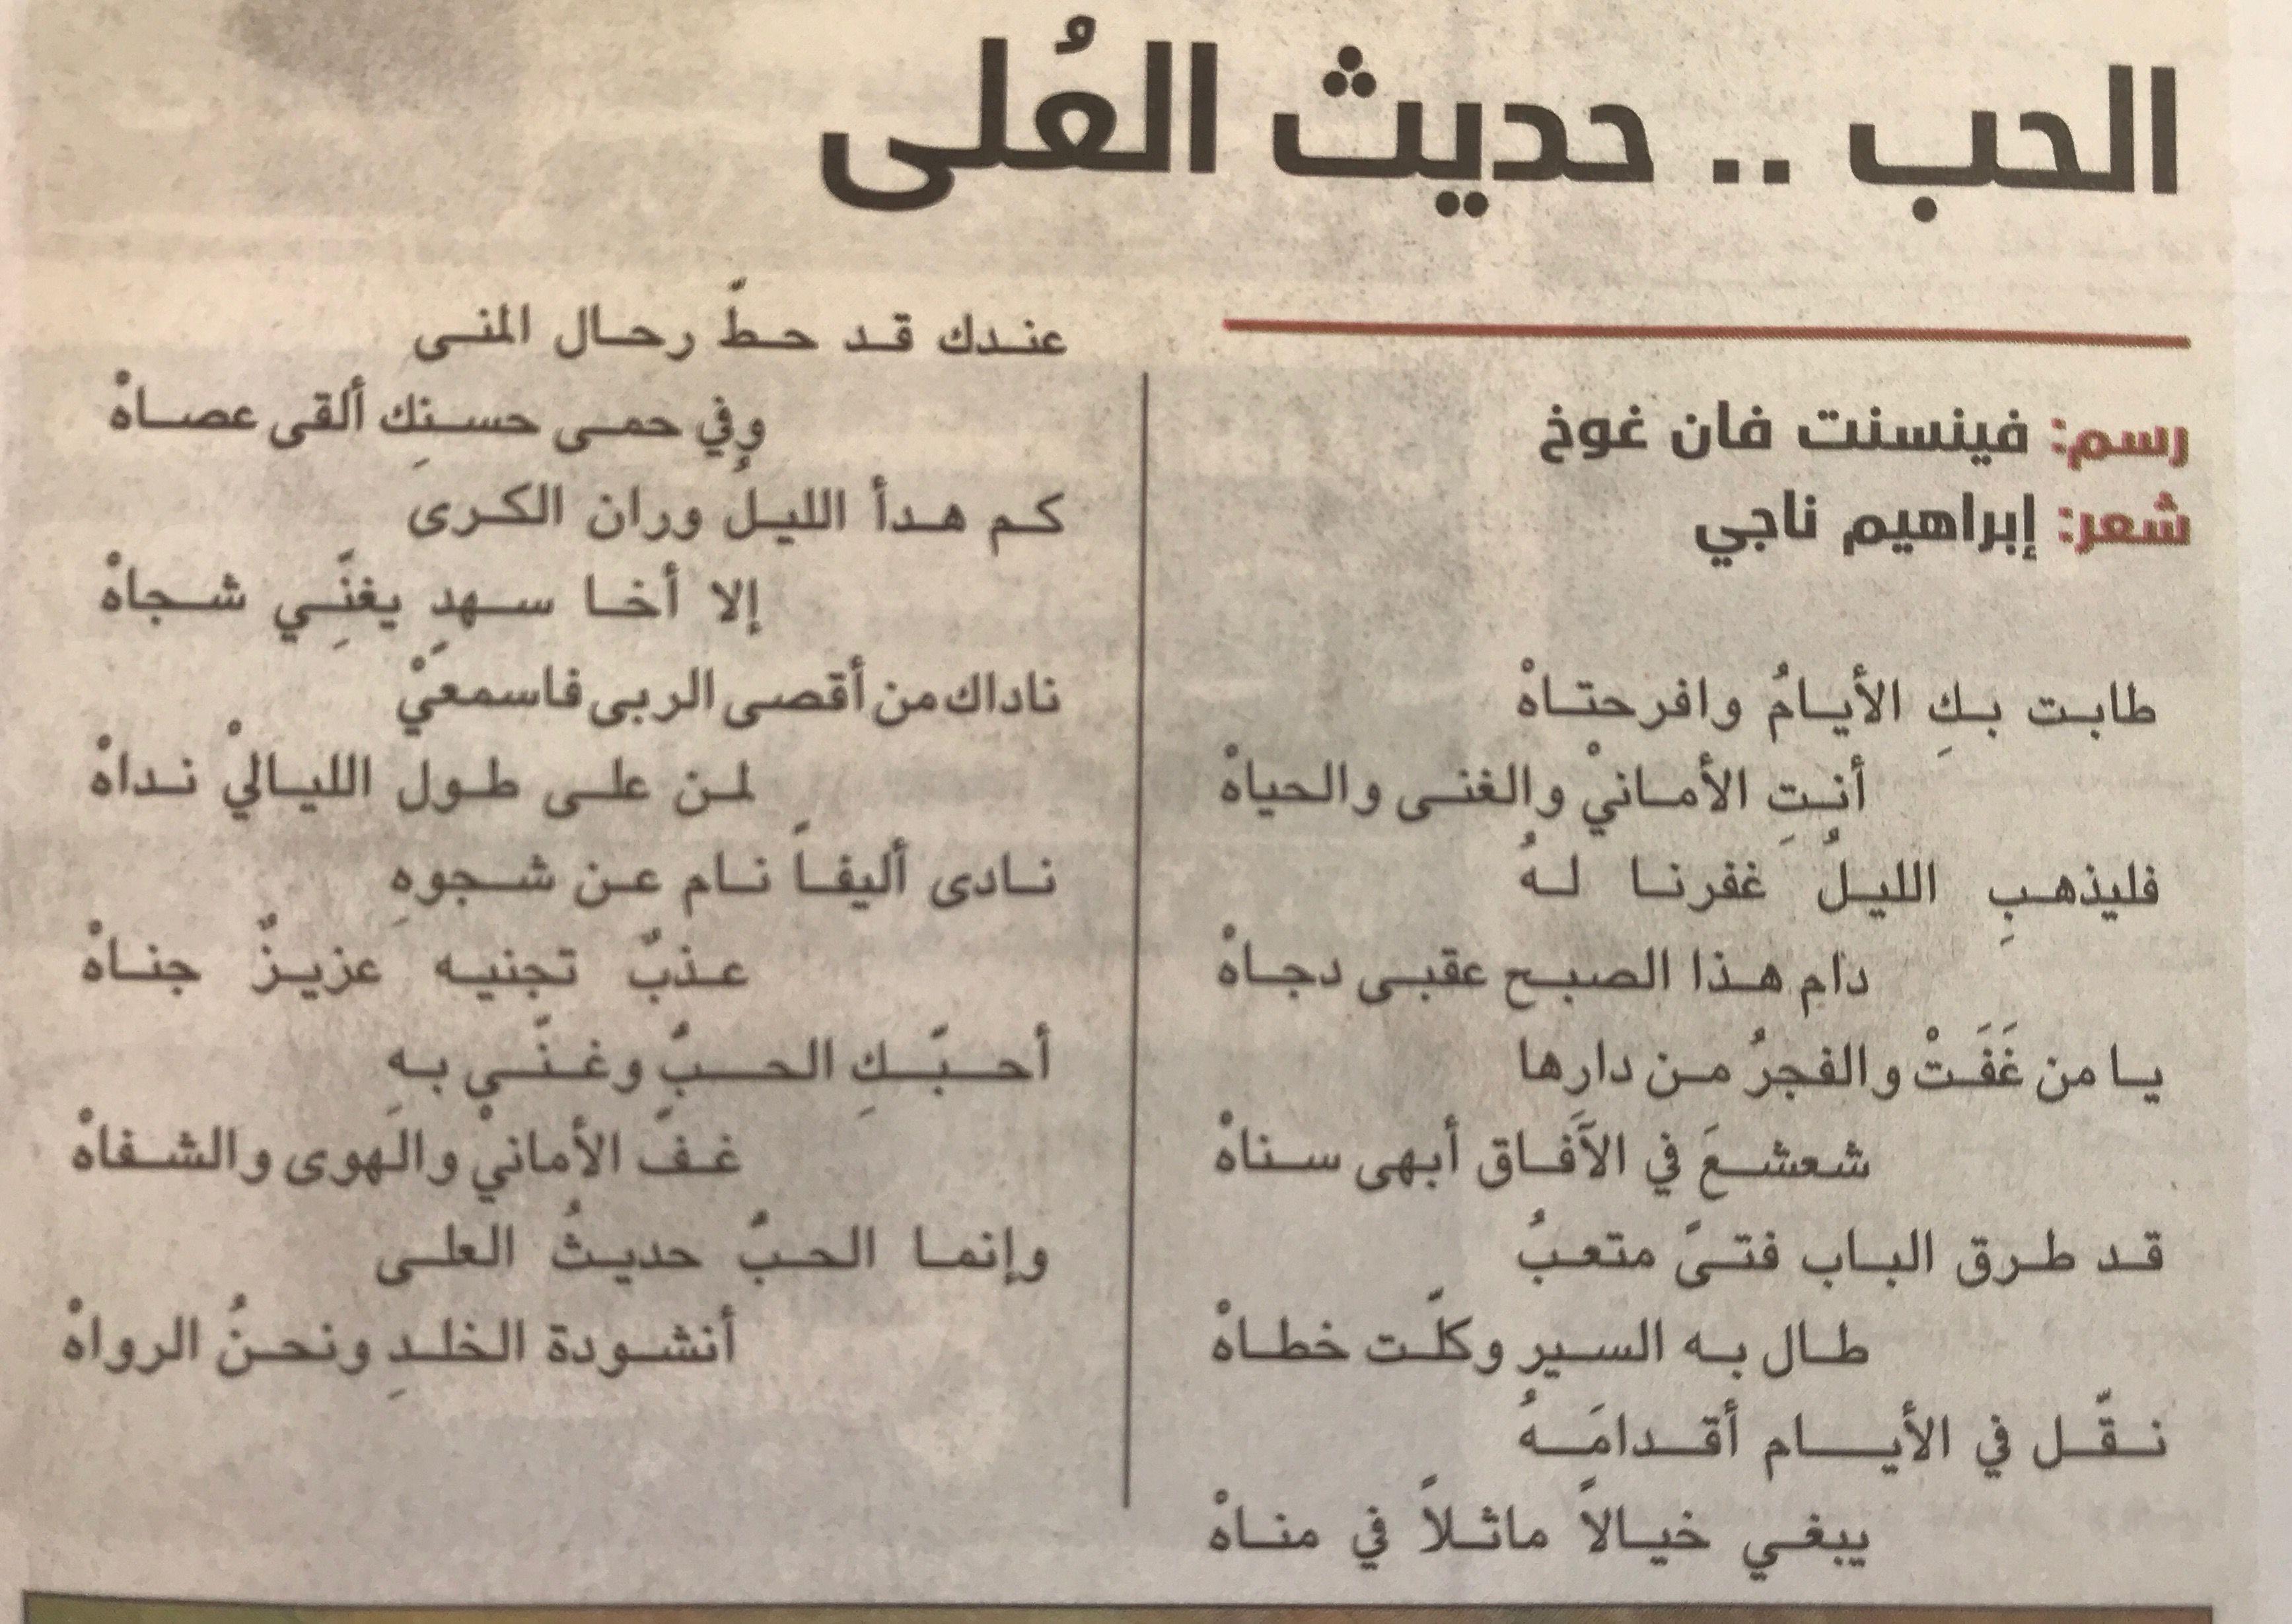 ابراهيم ناجي حديث الع لى Beautiful Arabic Words Words Quotes